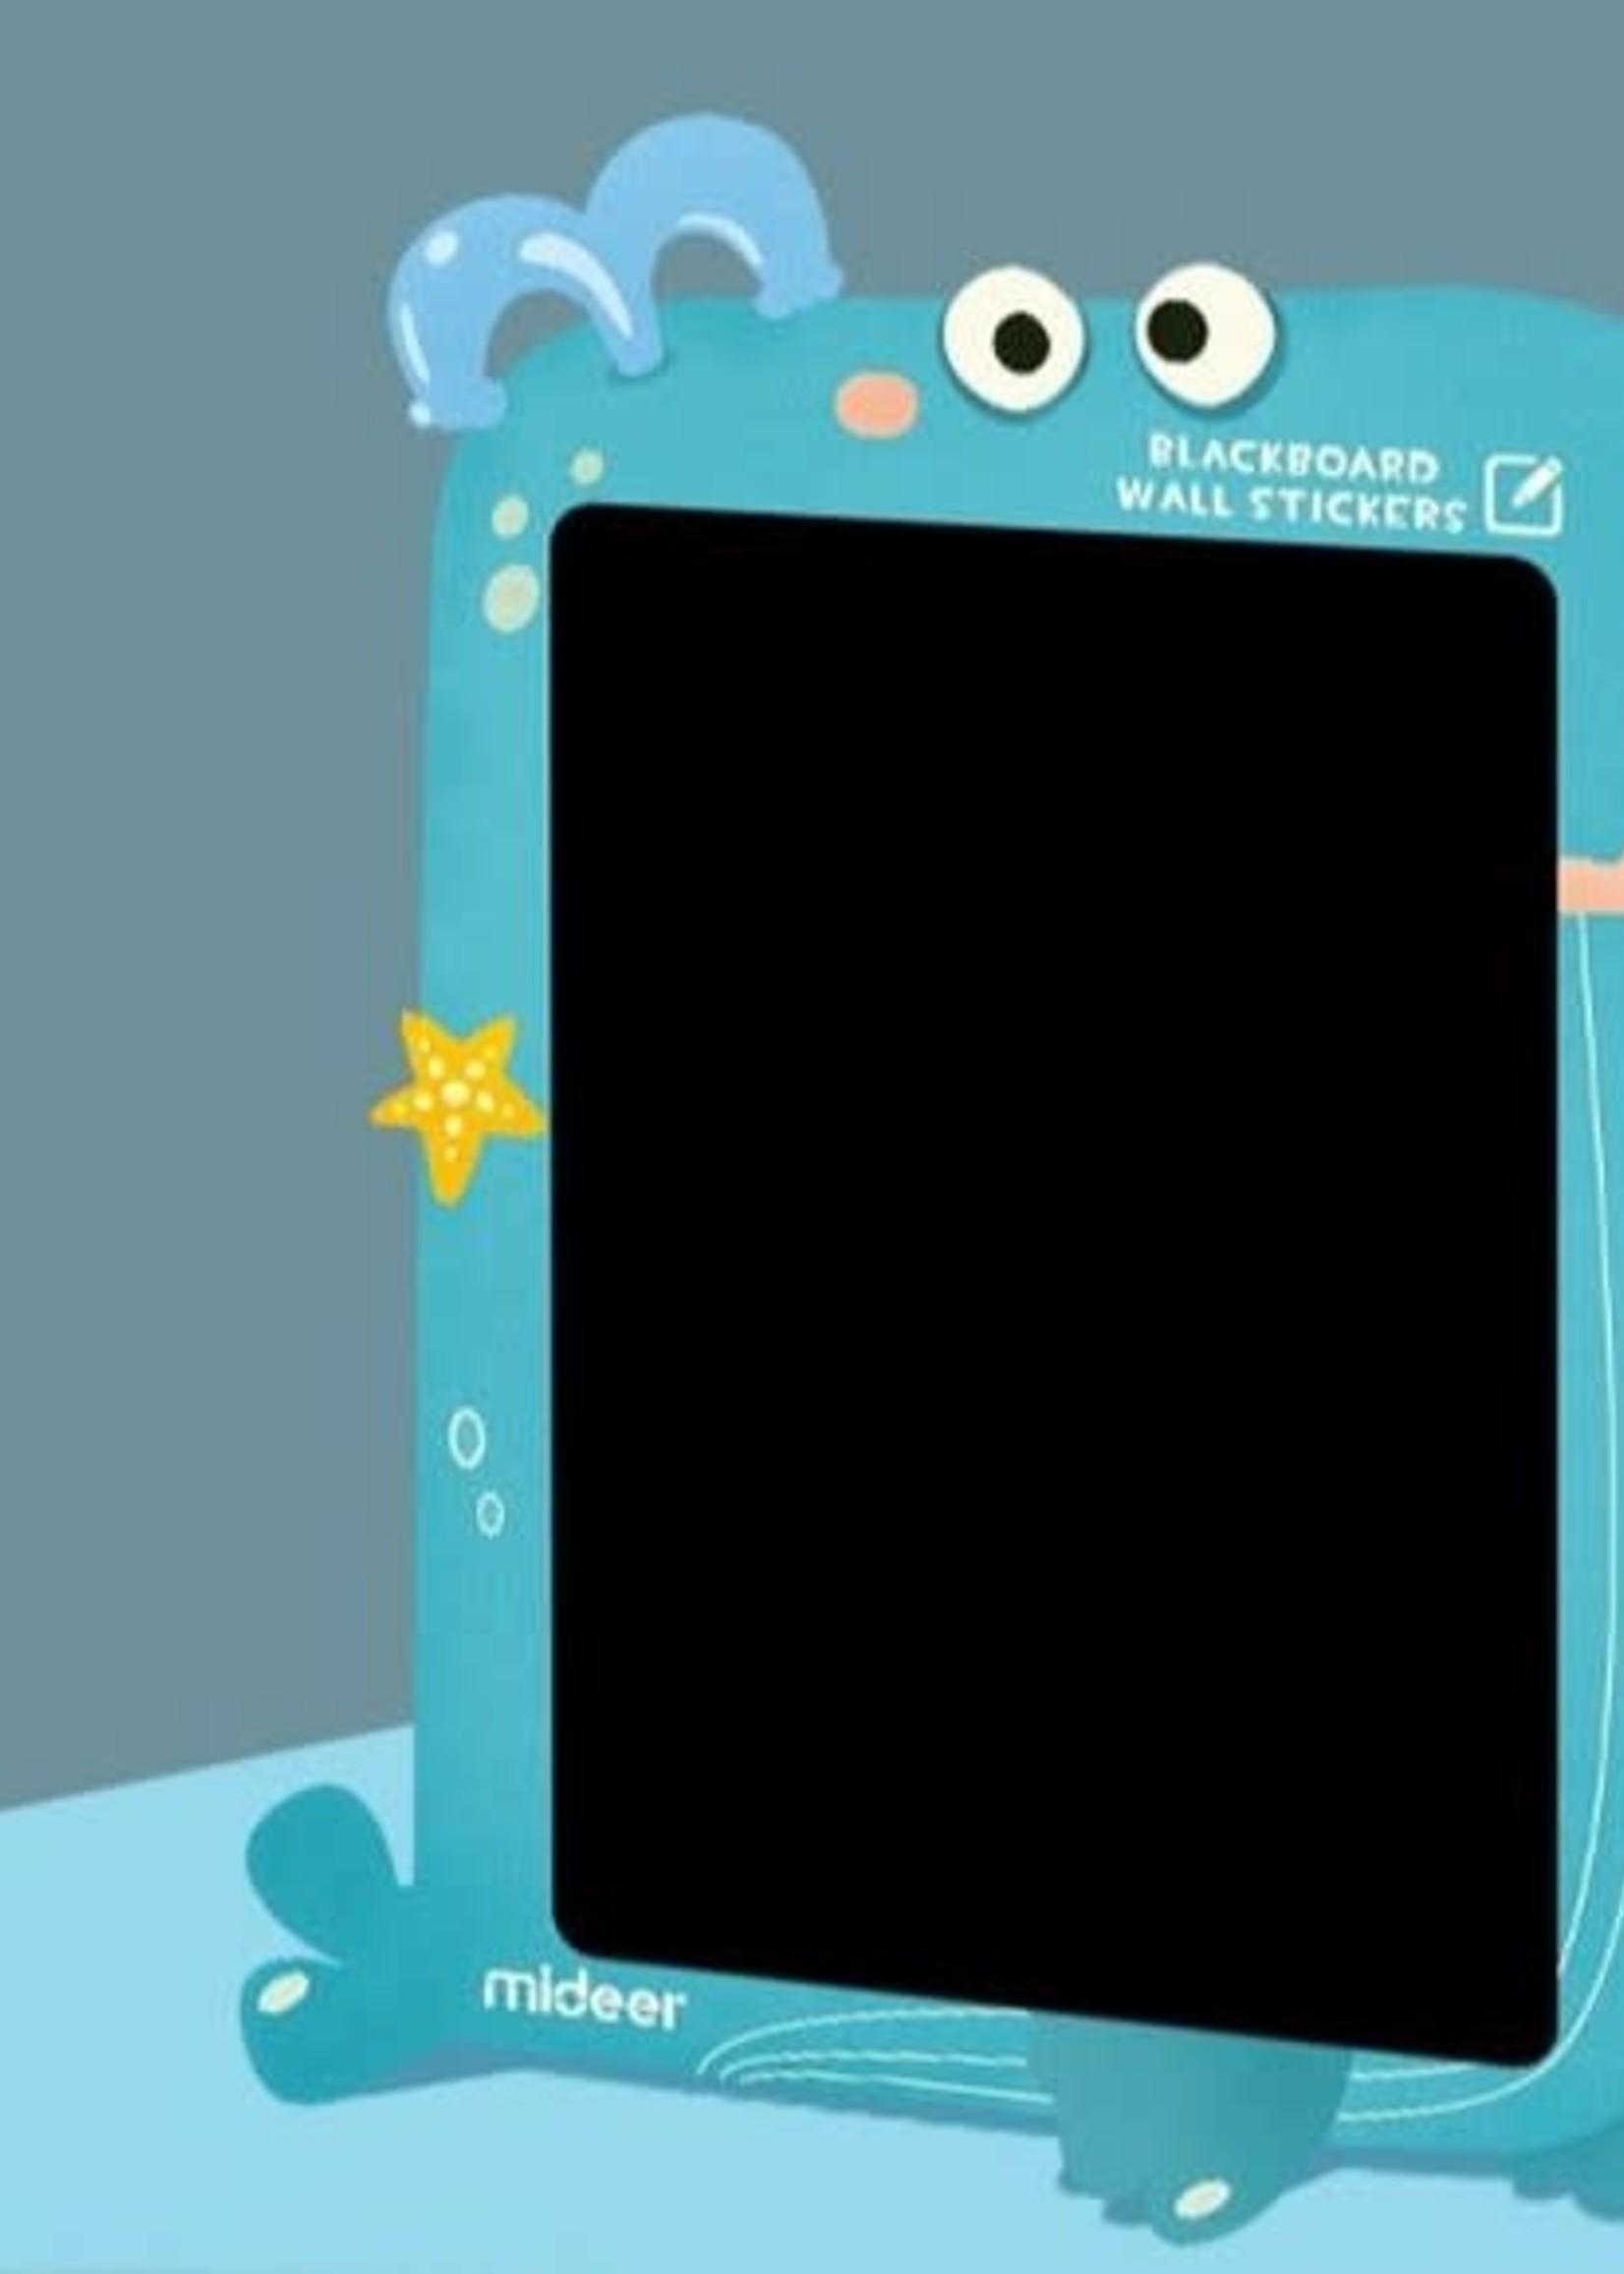 Mideer mideer blackboard whale